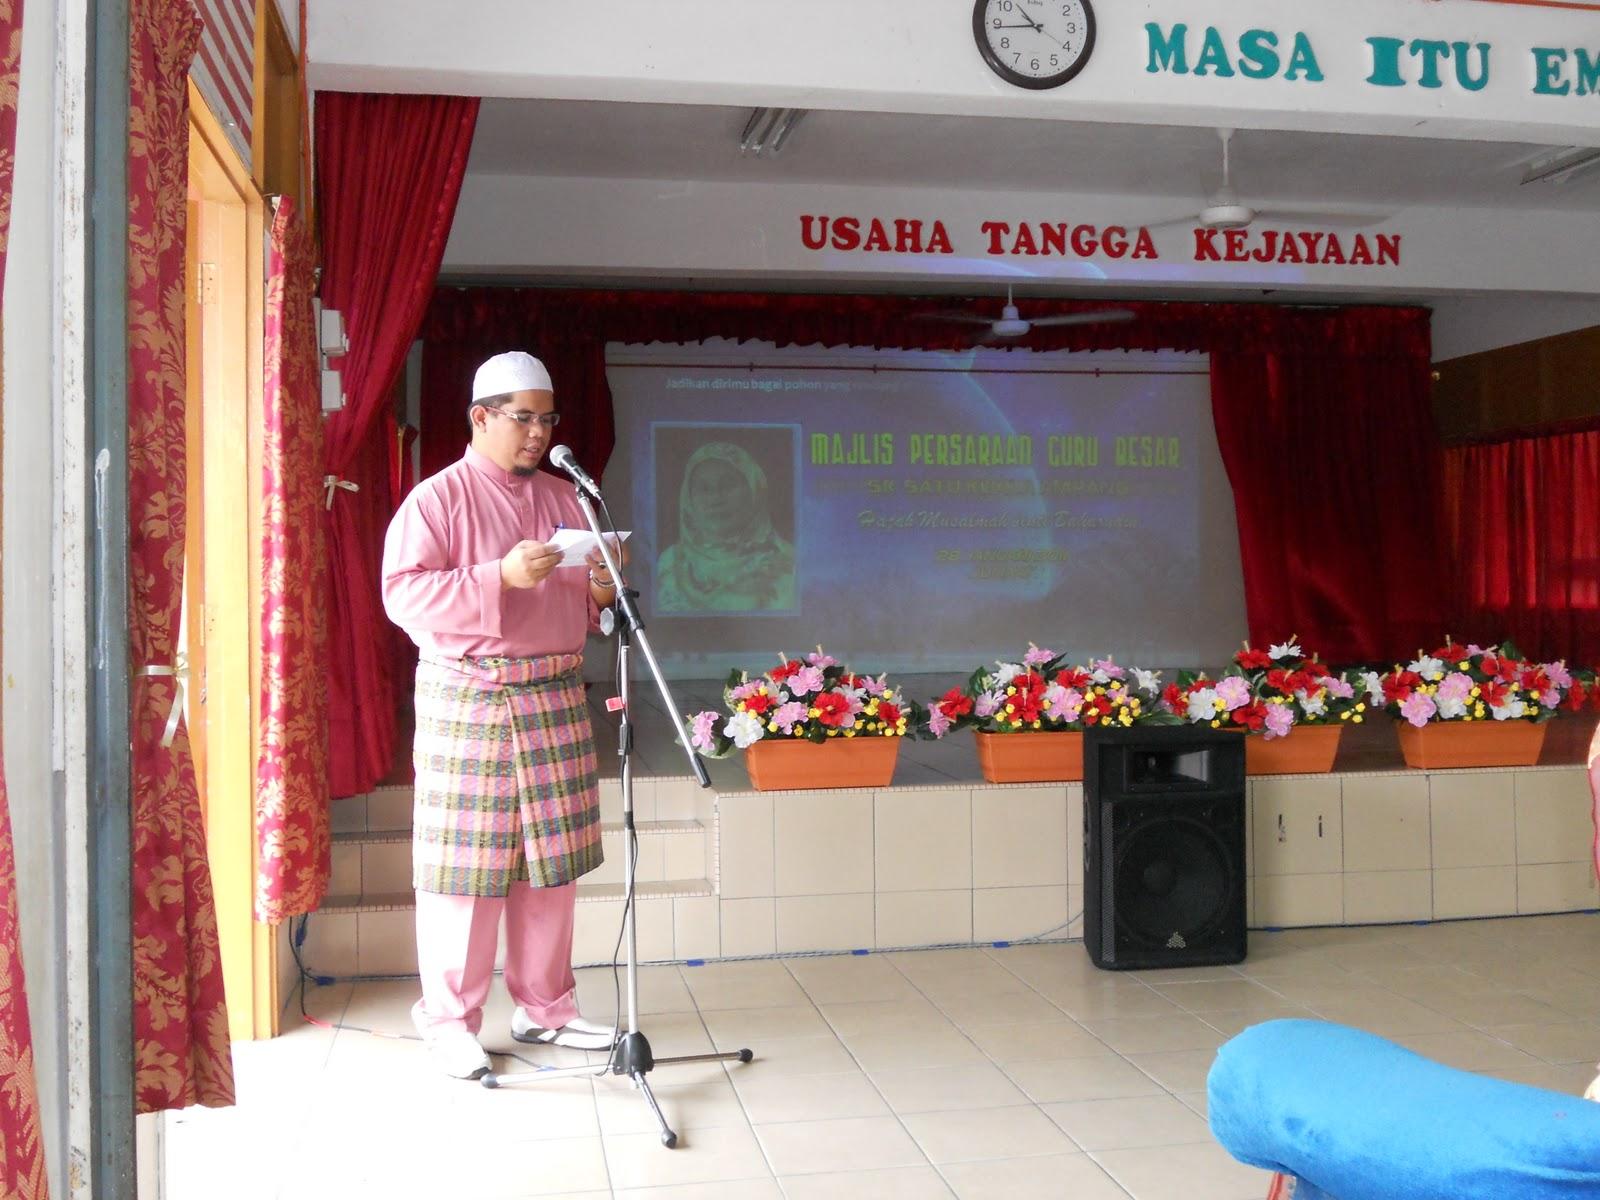 Bacaan doa yang telah diketui oleh Us. Mohd. Hafidzuddin bin Mohd